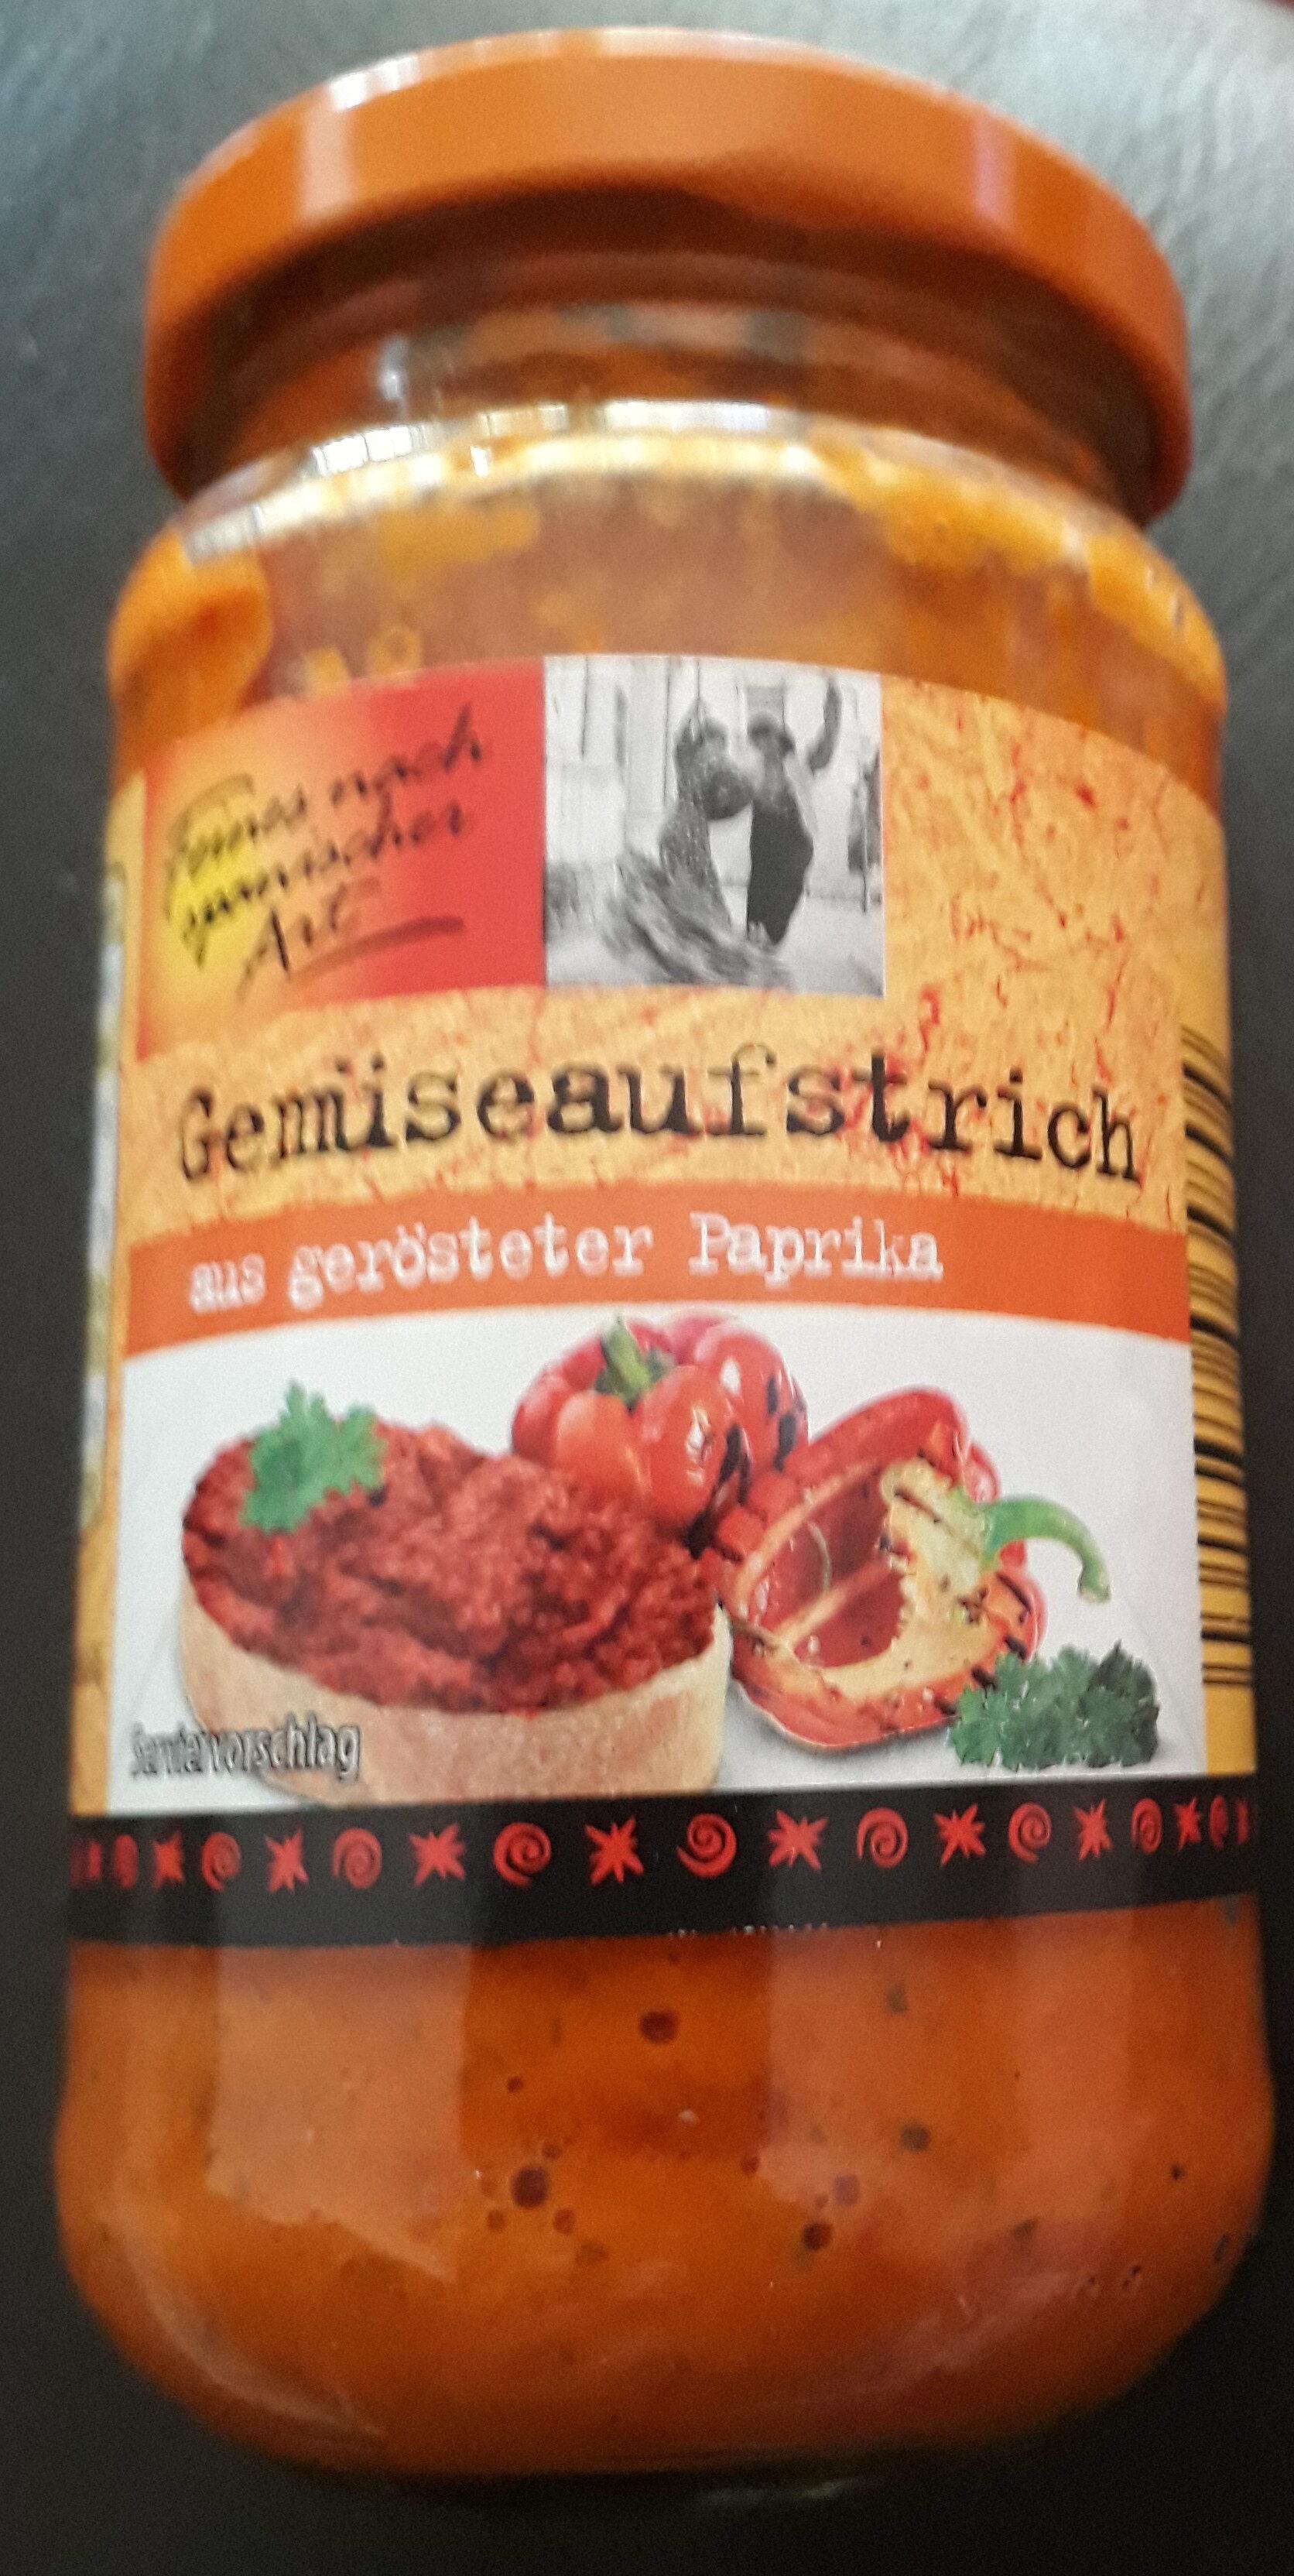 Gemüseaufstrich aus gerösteter Paprika - Product - de